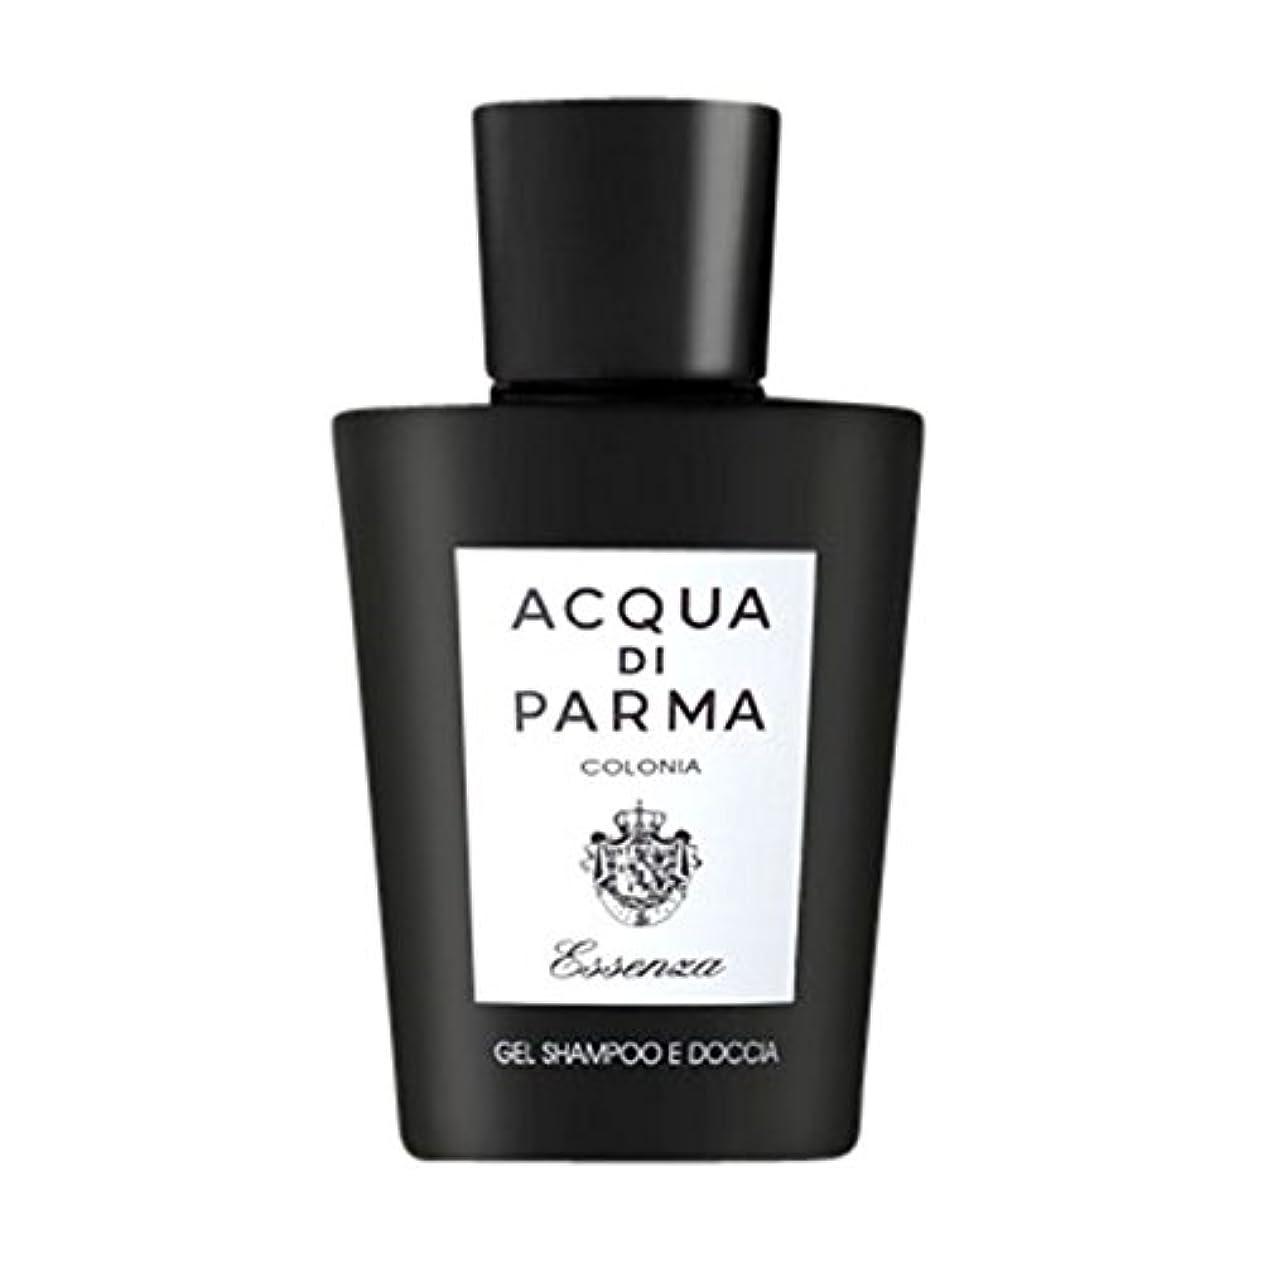 床を掃除するブレイズ迅速アクアディパルマコロニアEssenza髪とシャワージェル200ミリリットル (Acqua di Parma) (x6) - Acqua di Parma Colonia Essenza Hair and Shower Gel...